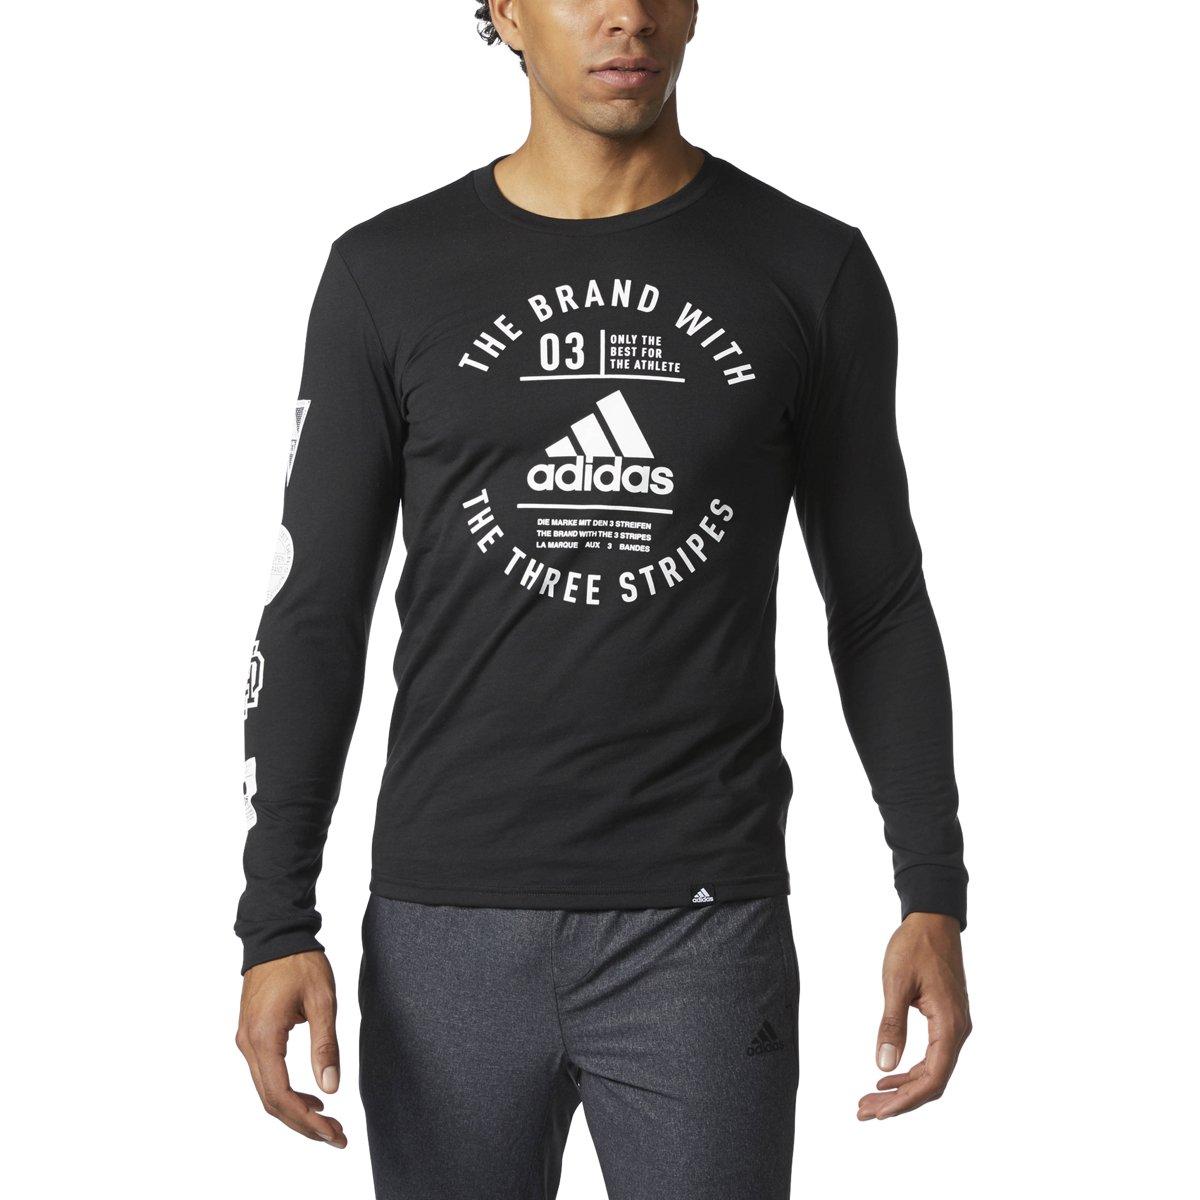 Adidasメンズ長袖グラフィックTシャツ B01N7K8XSV Large ブラック/ホワイト ブラック/ホワイト Large